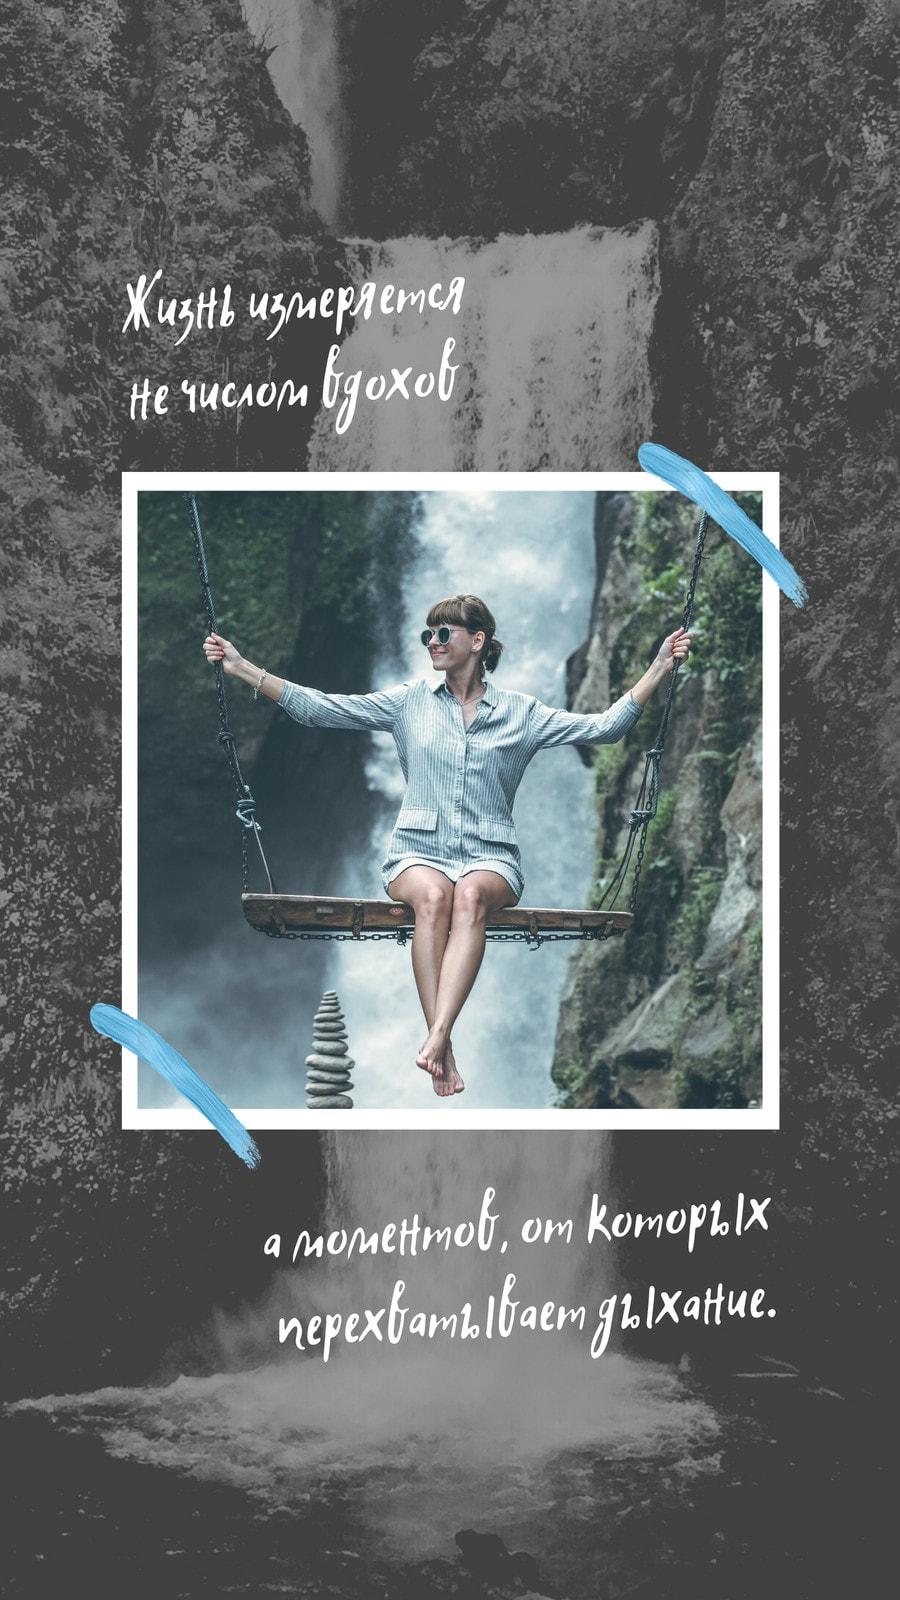 История в Инстаграм о путешествиях с водопадом и фотографией девушки на качелях